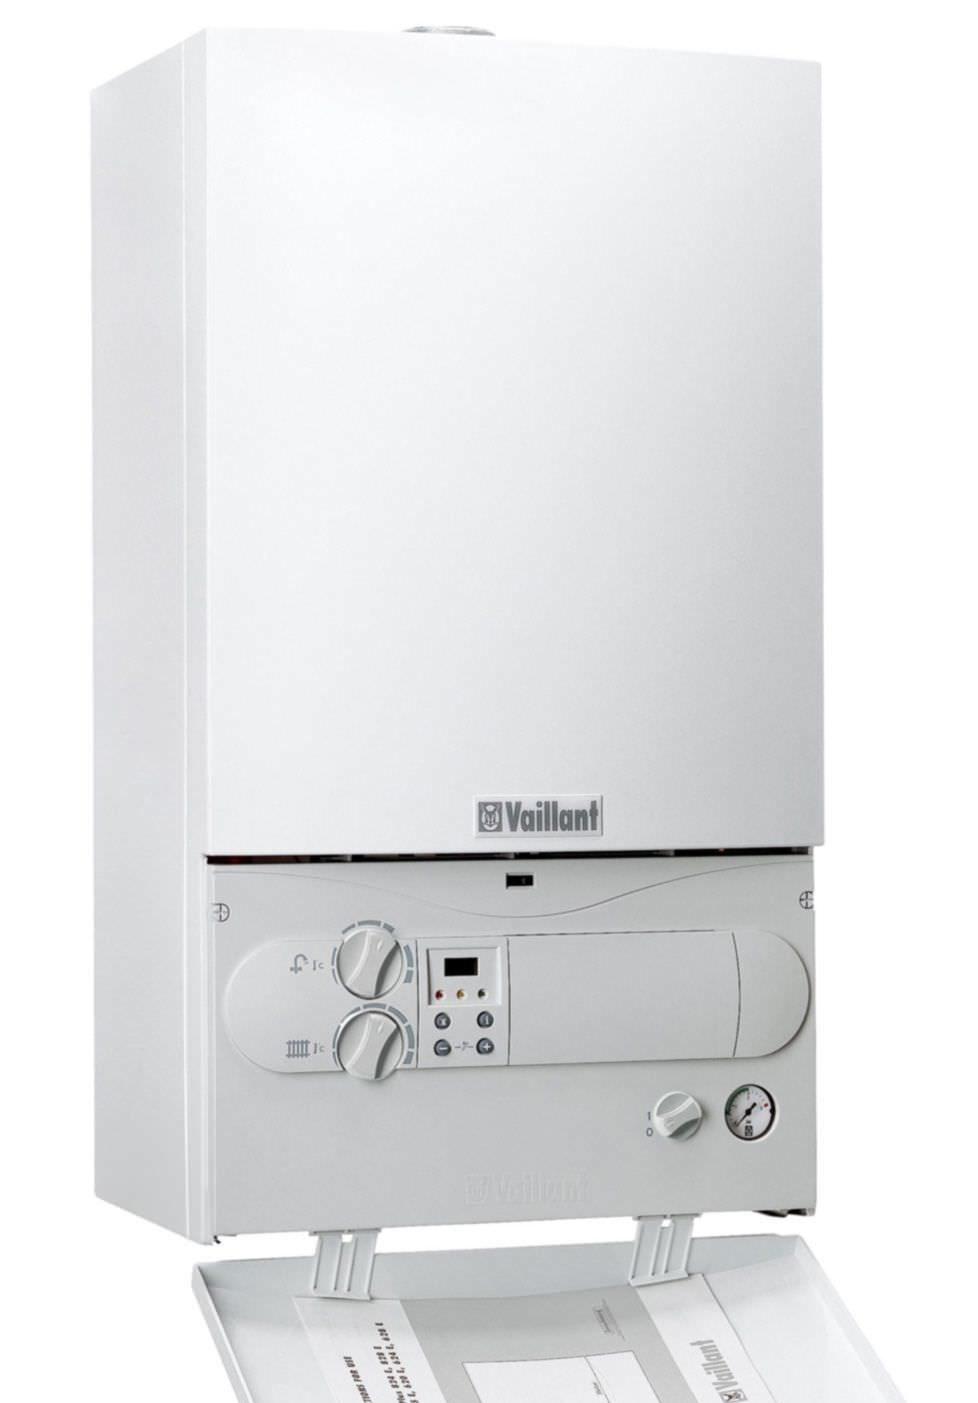 Модель «Vaillant atmoTEC Pro VUW 240/3-3» отличается оригинальным современным дизайном и наличием надёжной хромоникелевой горелки, позволяющей быструю регулировку мощности агрегата